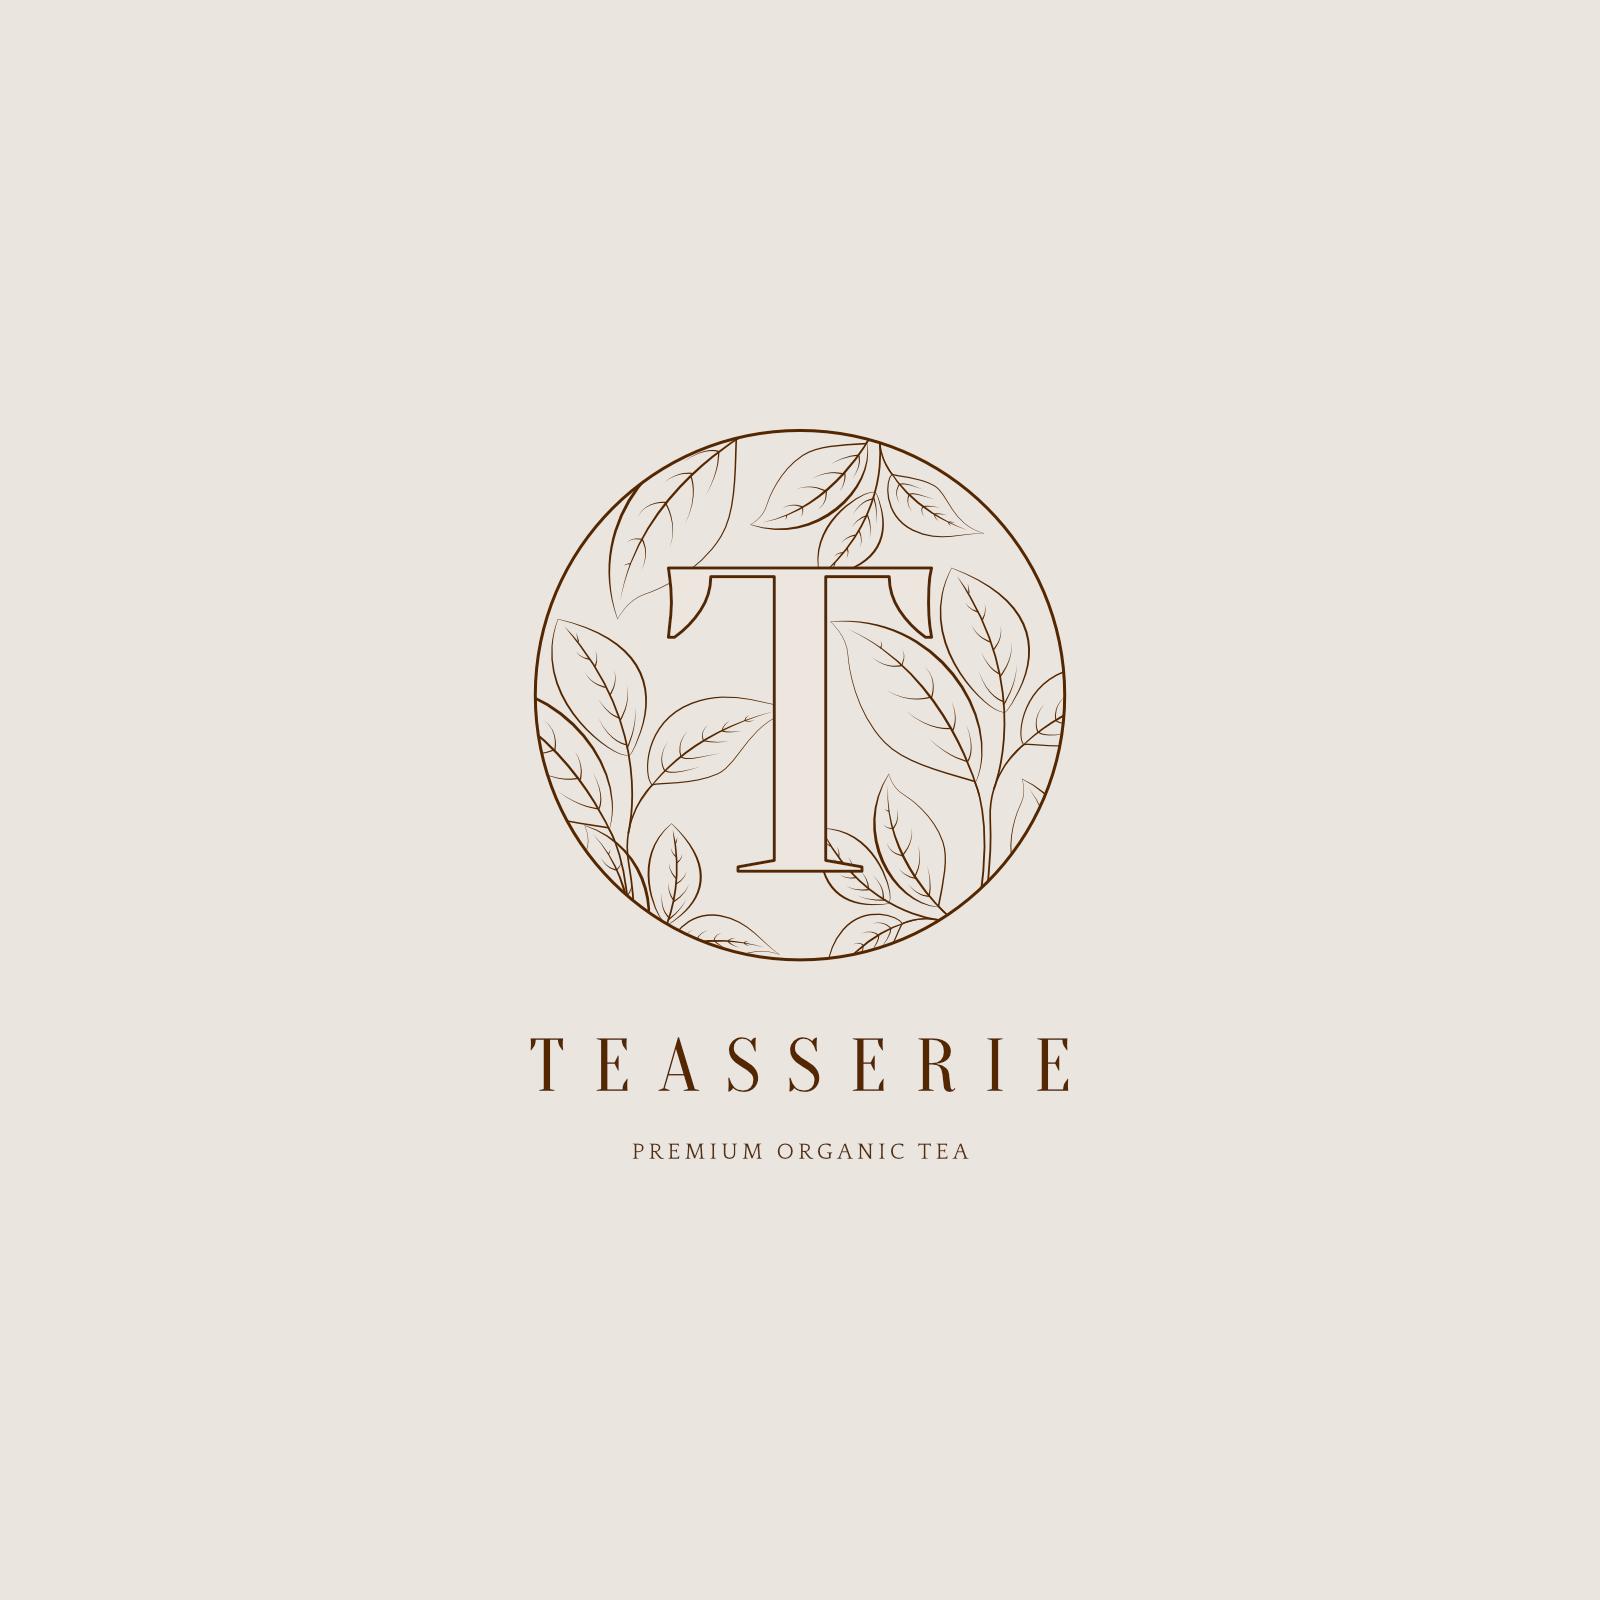 Teasserie logo